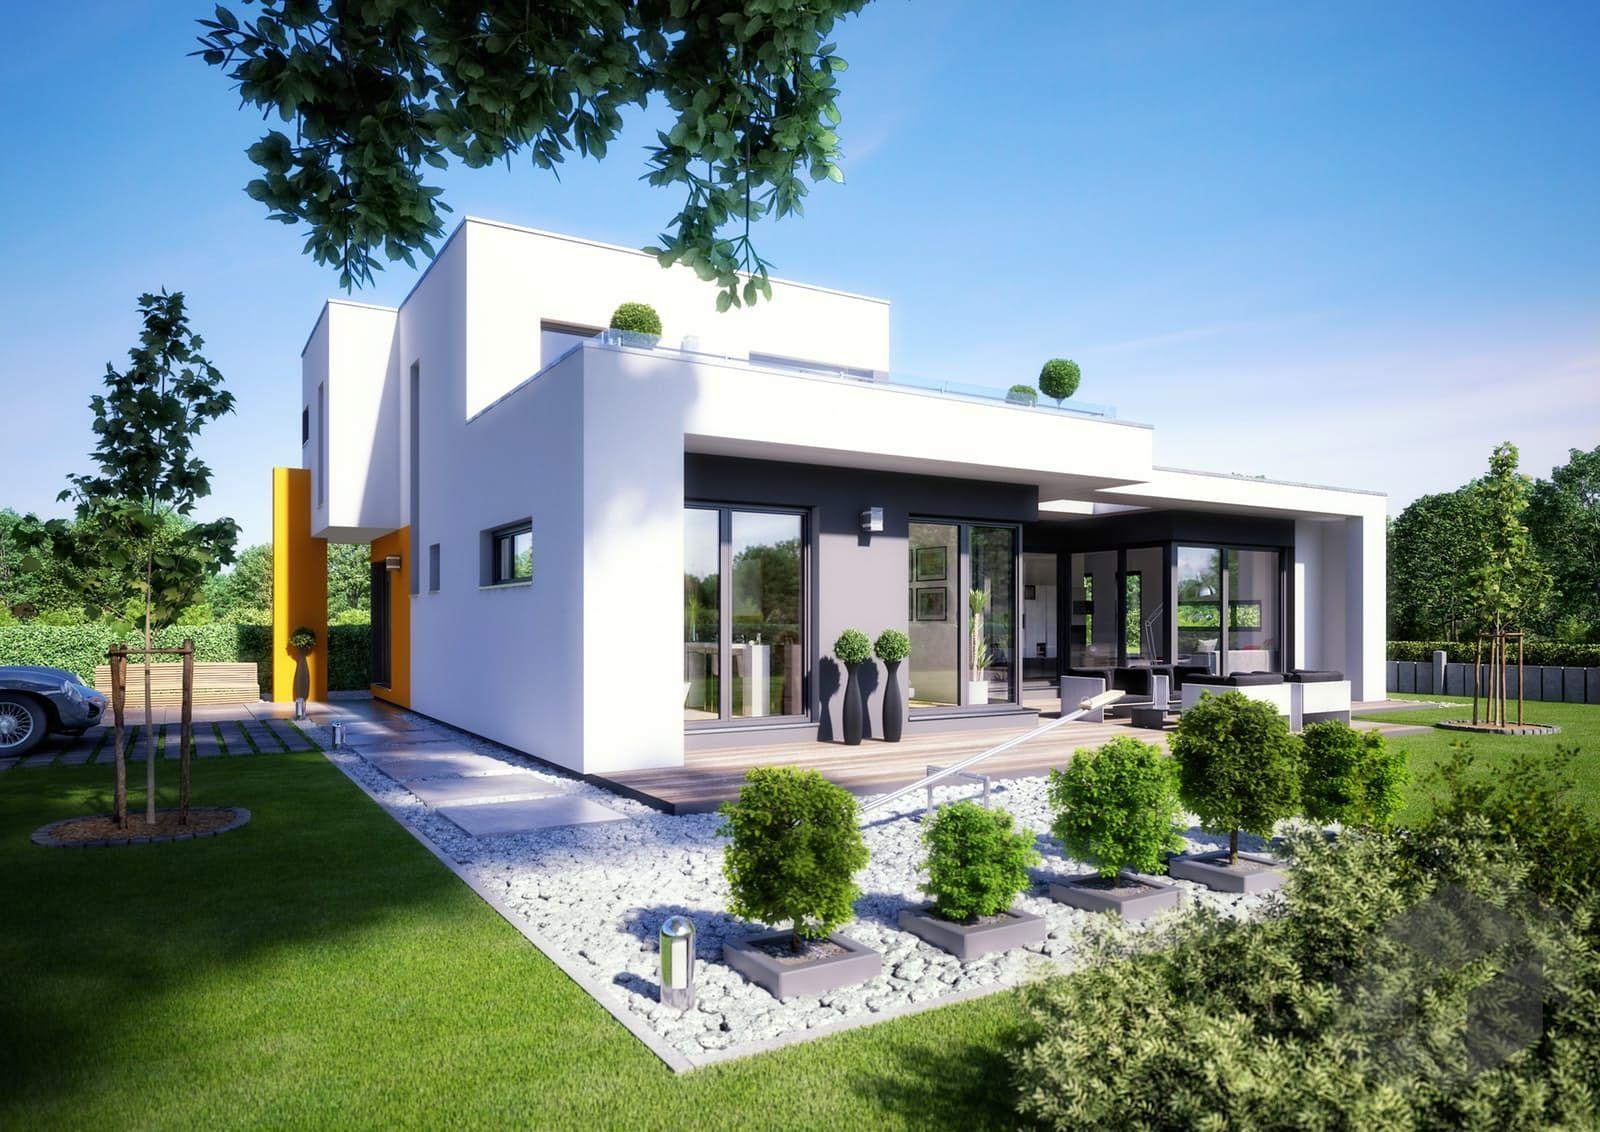 Dachterrasse balkon haustypen haus bauen architektur wohnen bina balcony architecture